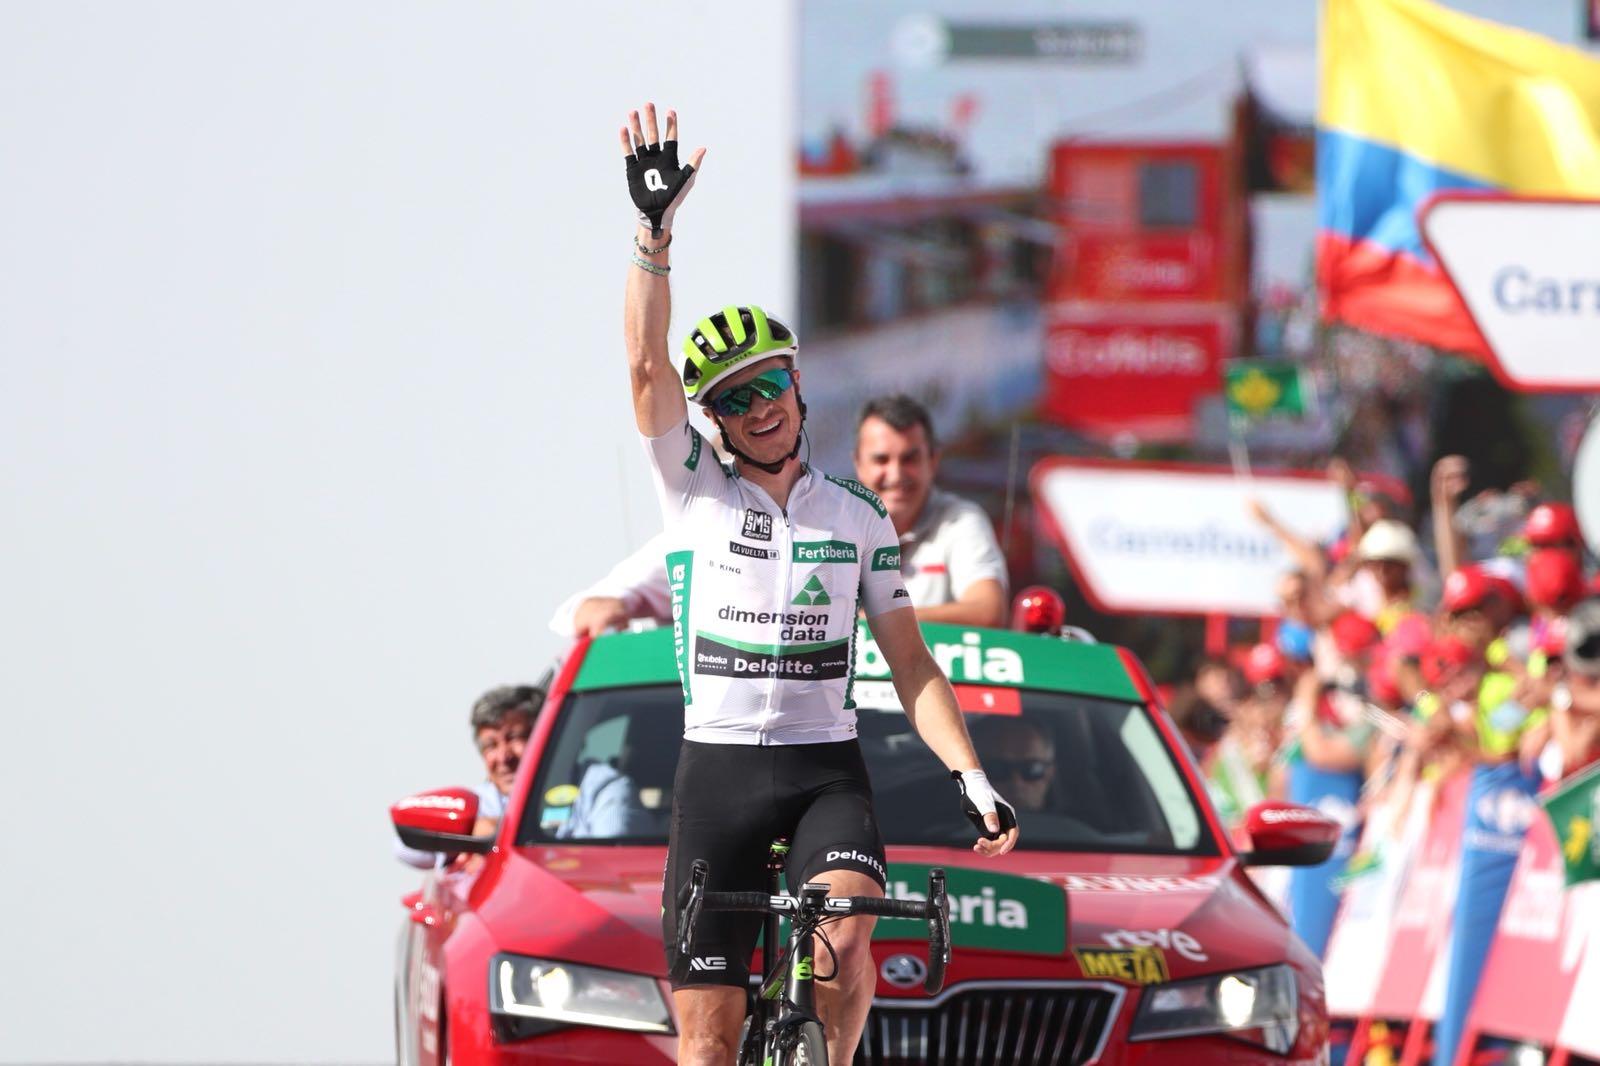 Benjamin King vince la nona tappa della Vuelta a Espana 2018